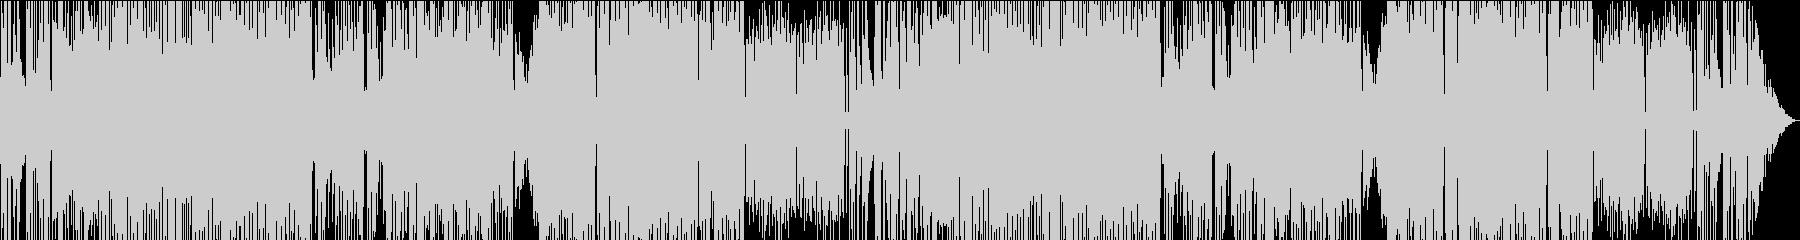 激しく華麗な速弾き三味線の和風戦闘曲の未再生の波形